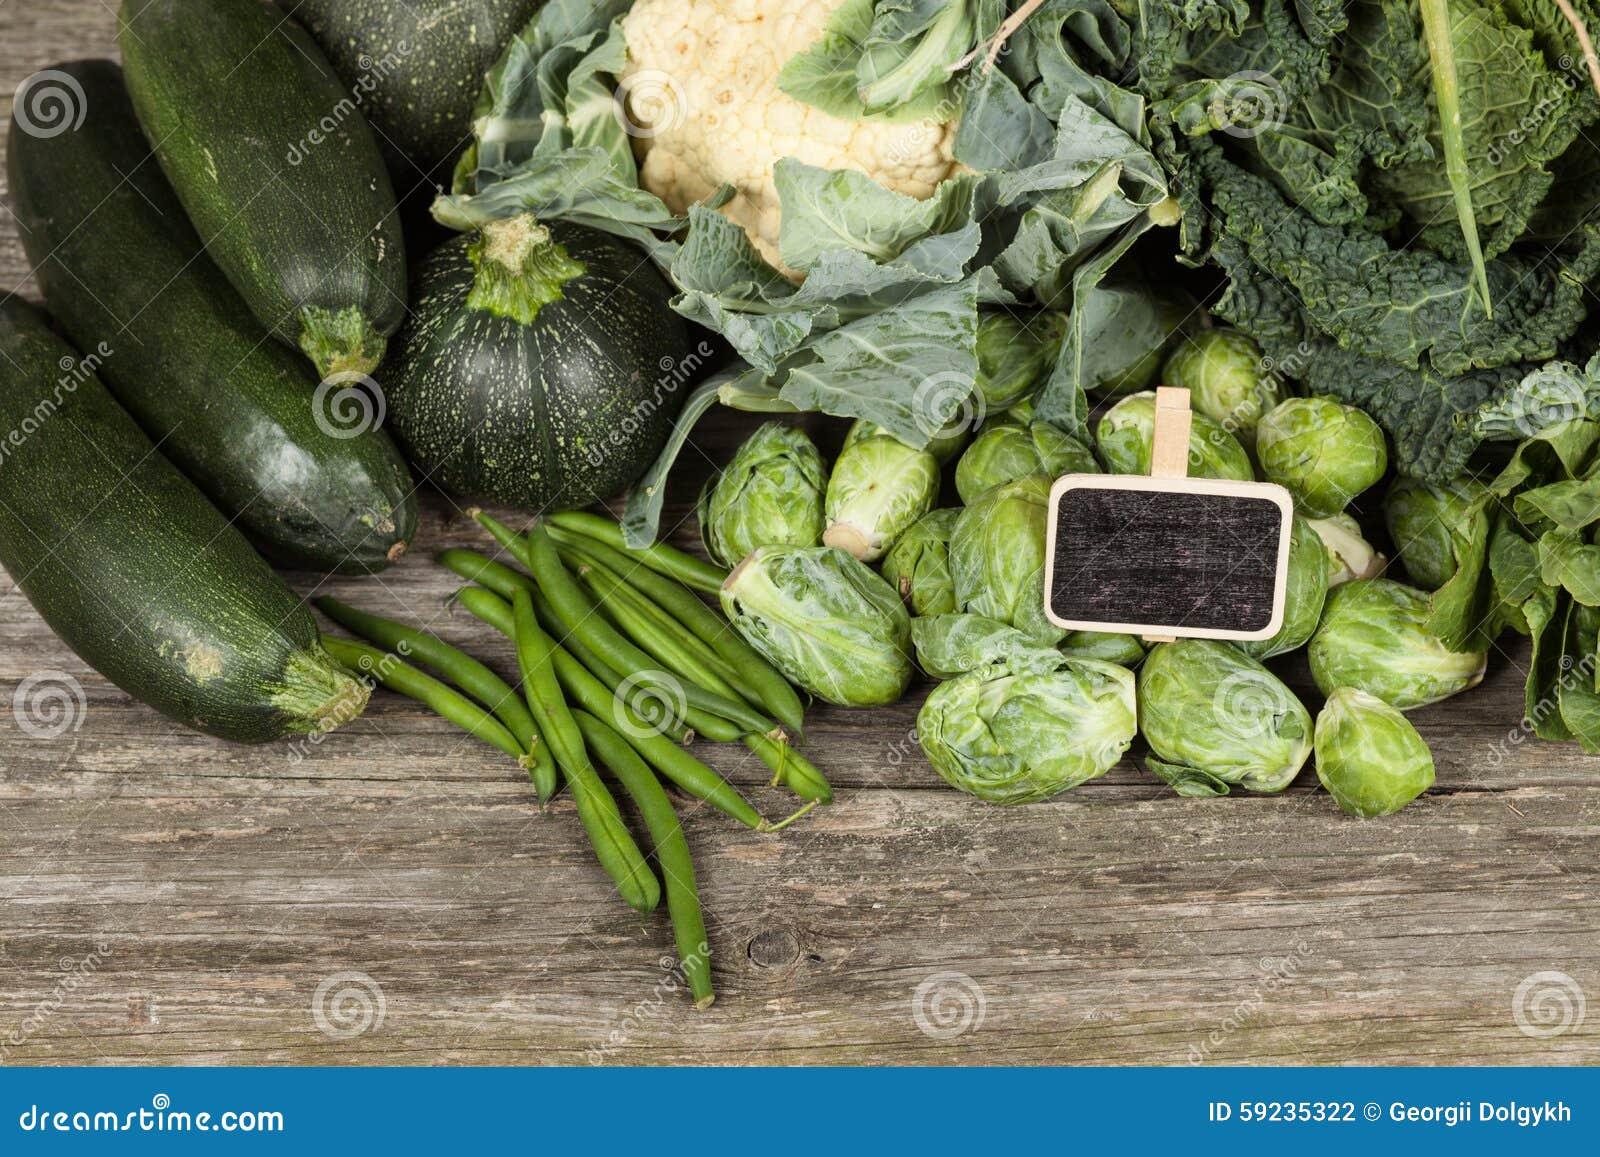 Download Surtido de verduras verdes foto de archivo. Imagen de frondoso - 59235322